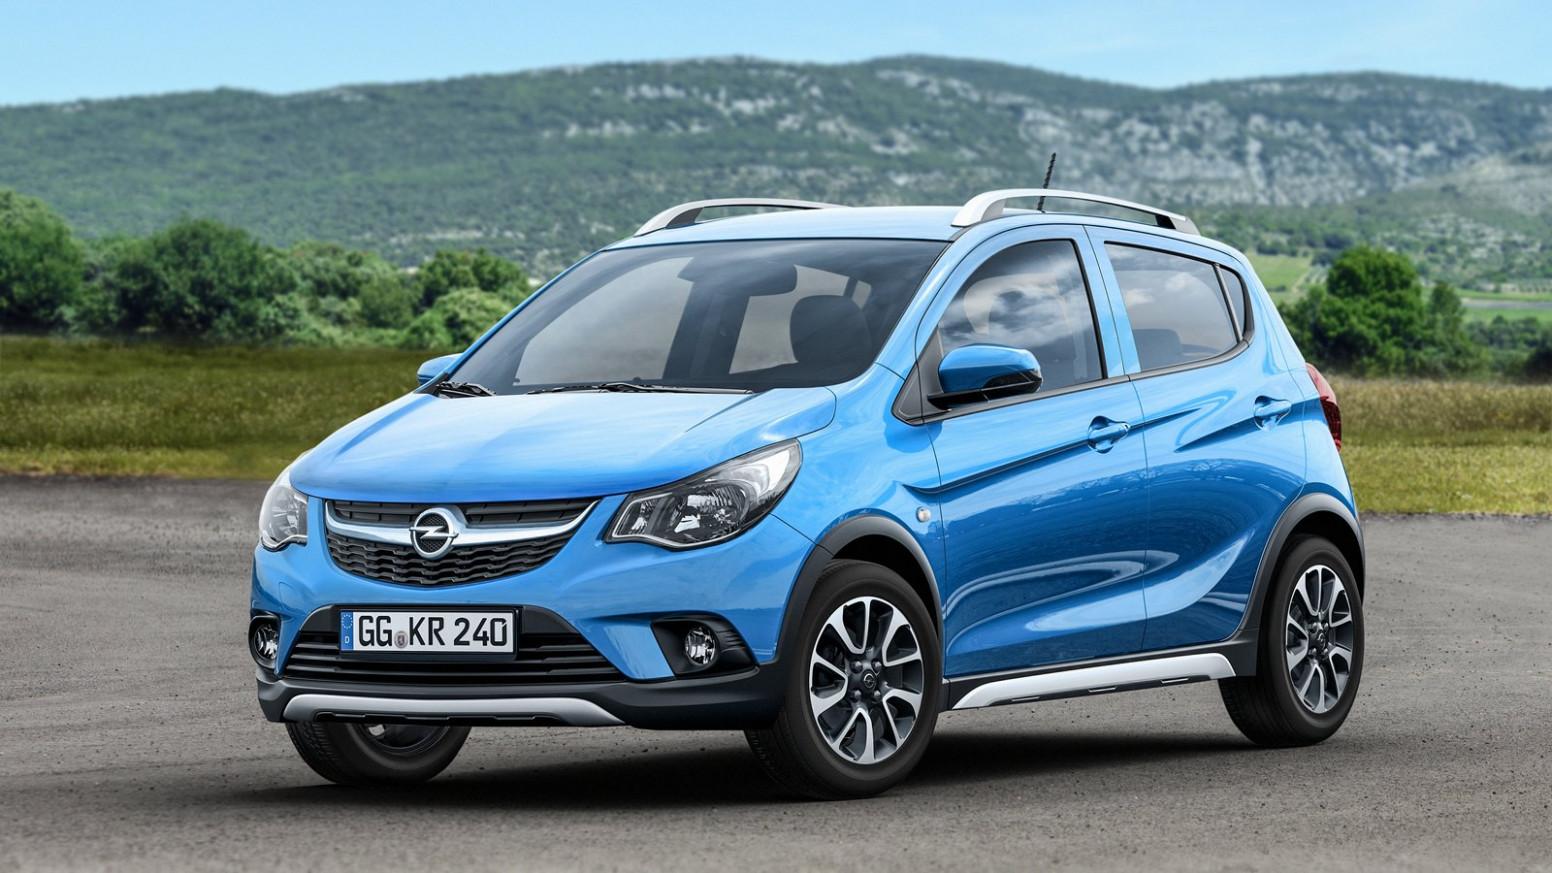 Exterior Opel Onstar 2022